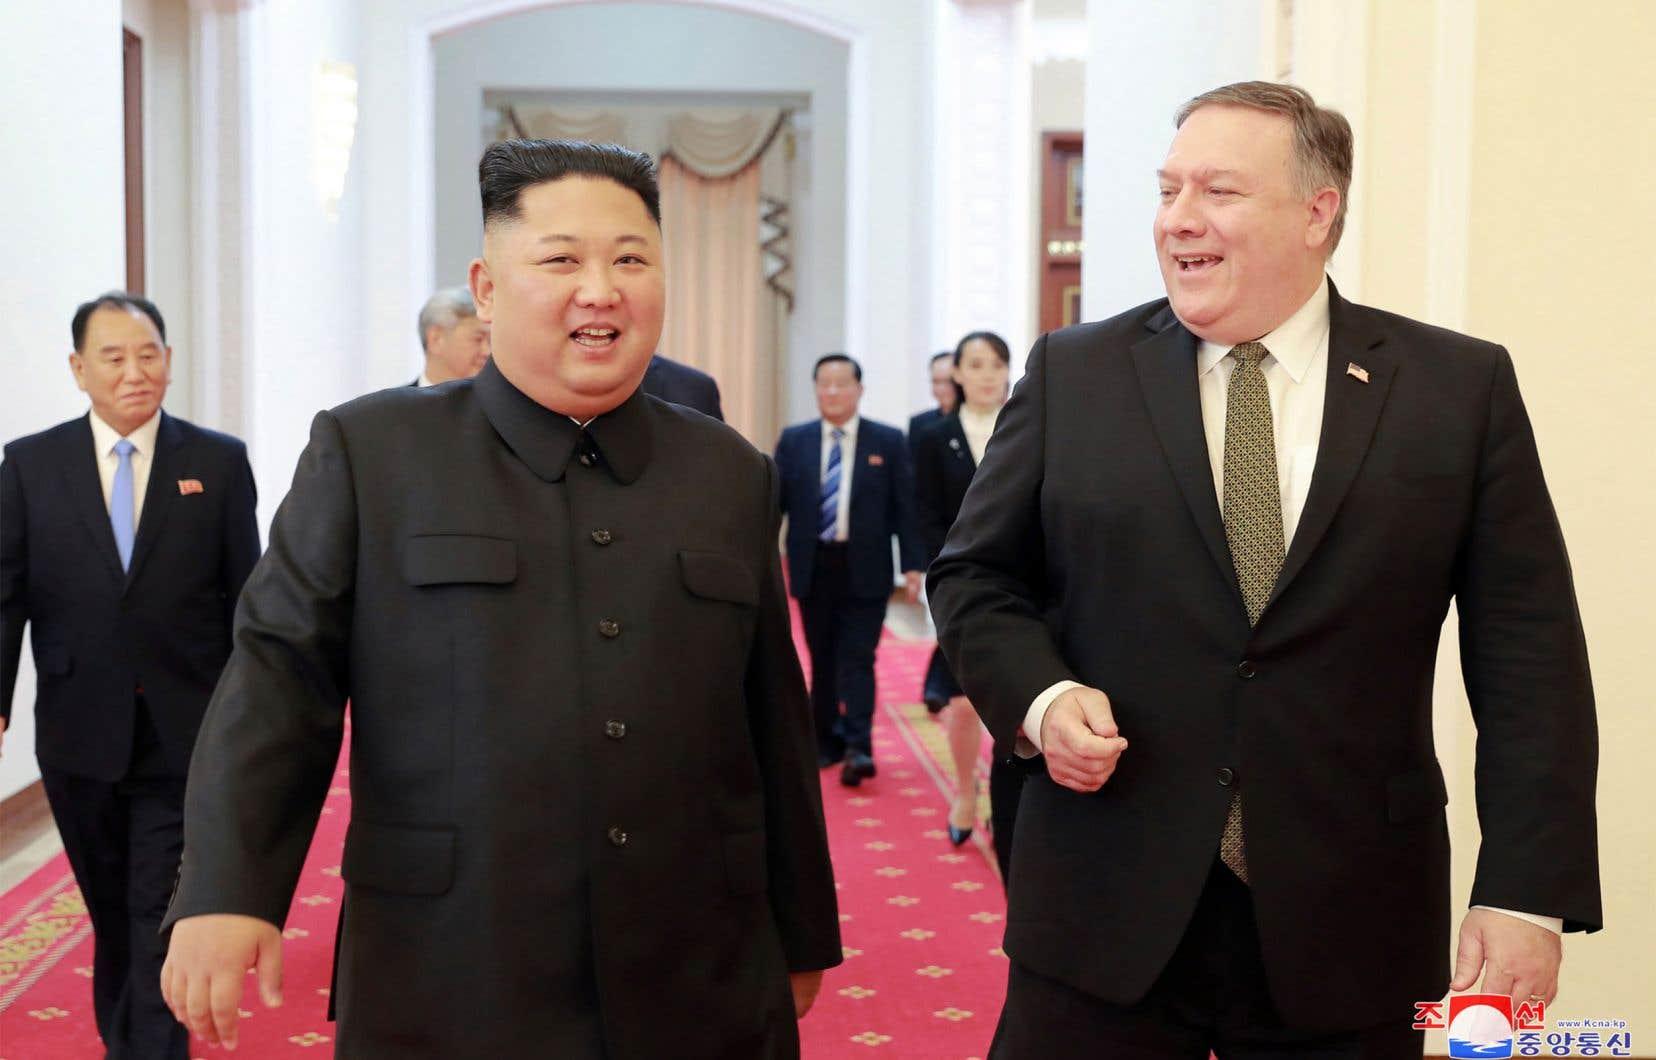 Ce second tête-à-tête, après le premier, historique, en juin à Singapour, aura lieu «en début d'année prochaine», a promis le président américain.